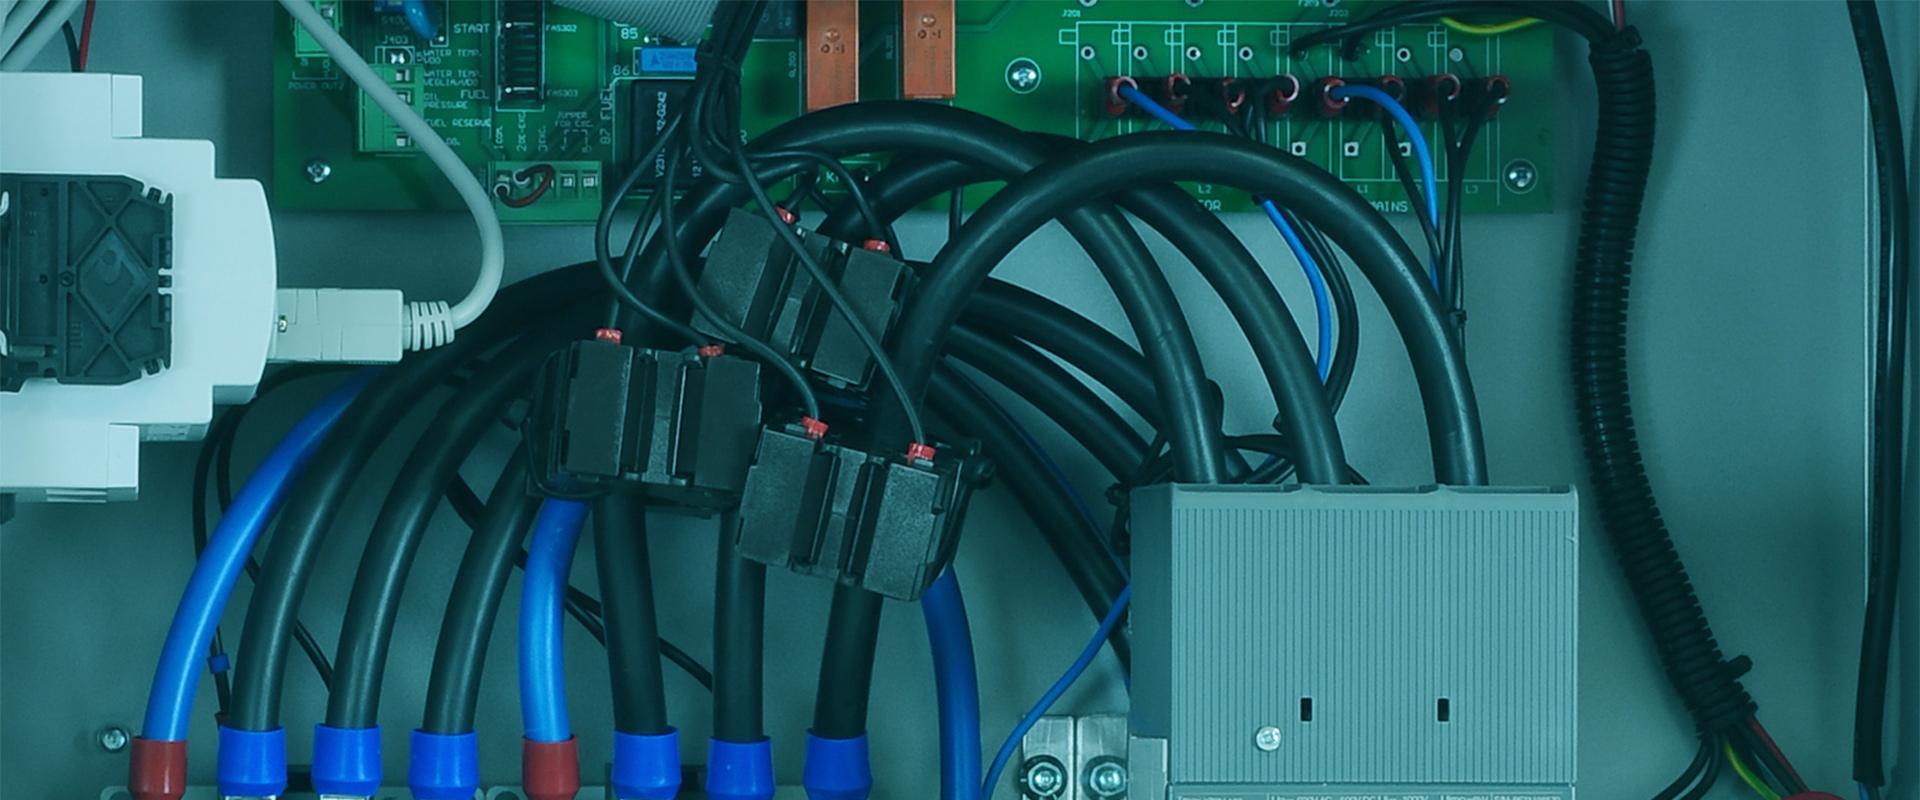 Шкафы управления DST 2600 - DST 2600XL